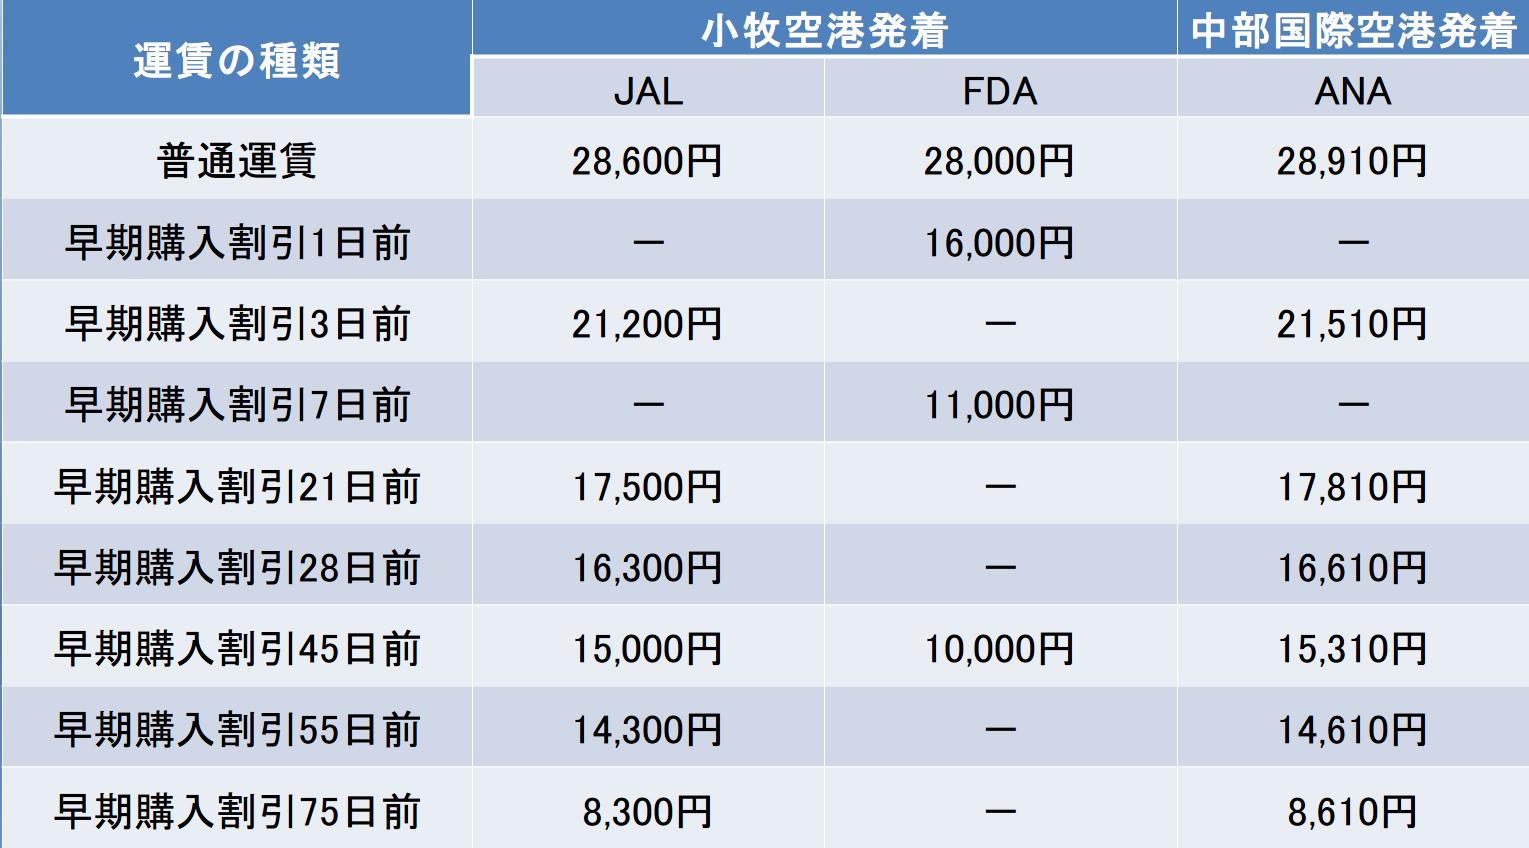 名古屋-新潟間の航空券の料金